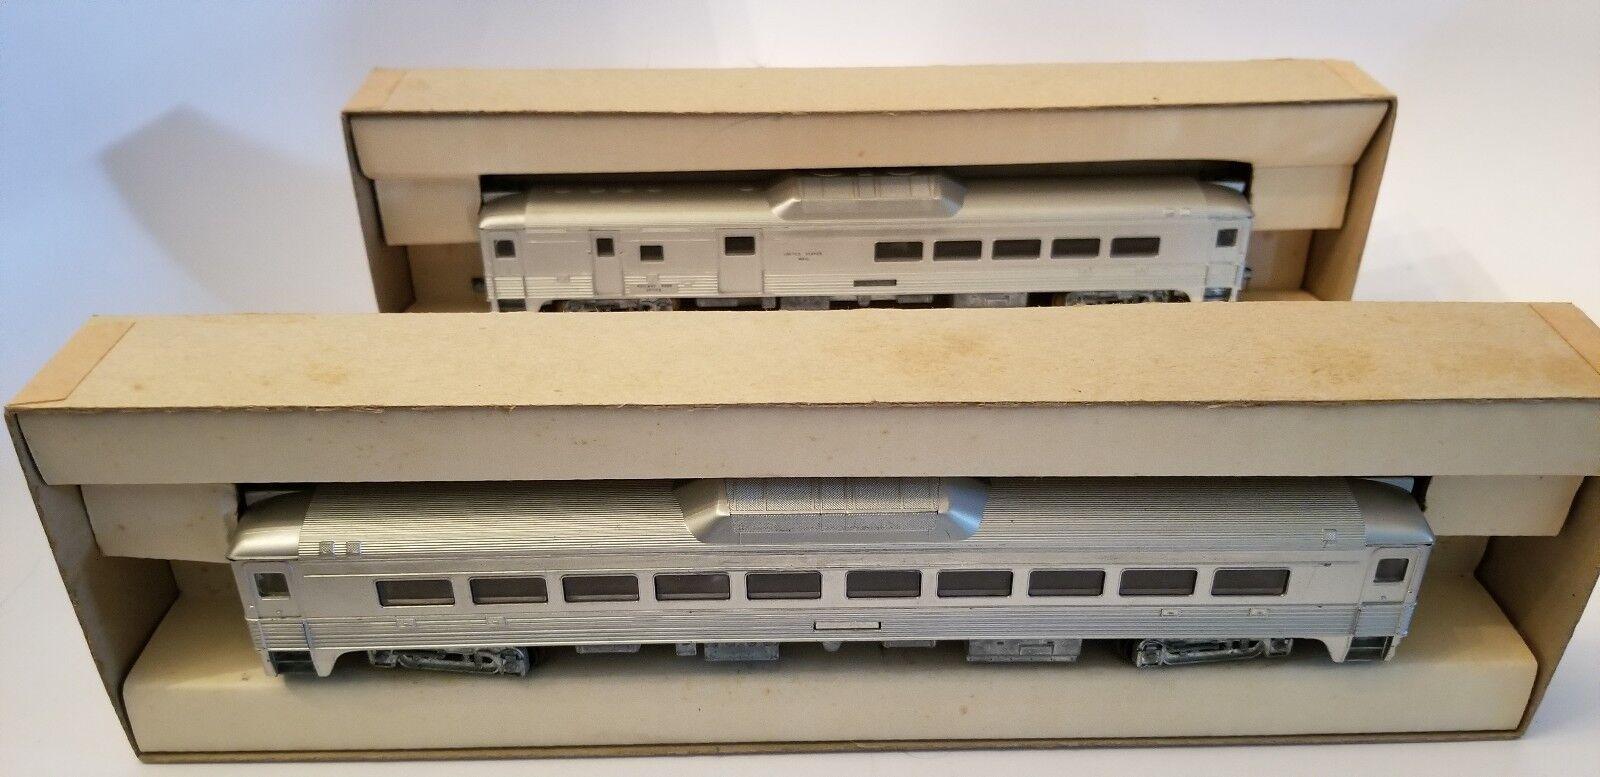 Post War 2 Miniature Athearn - RDC-1 NH (Dummy) & RDC 3 NH - HO Rail Diesel Car